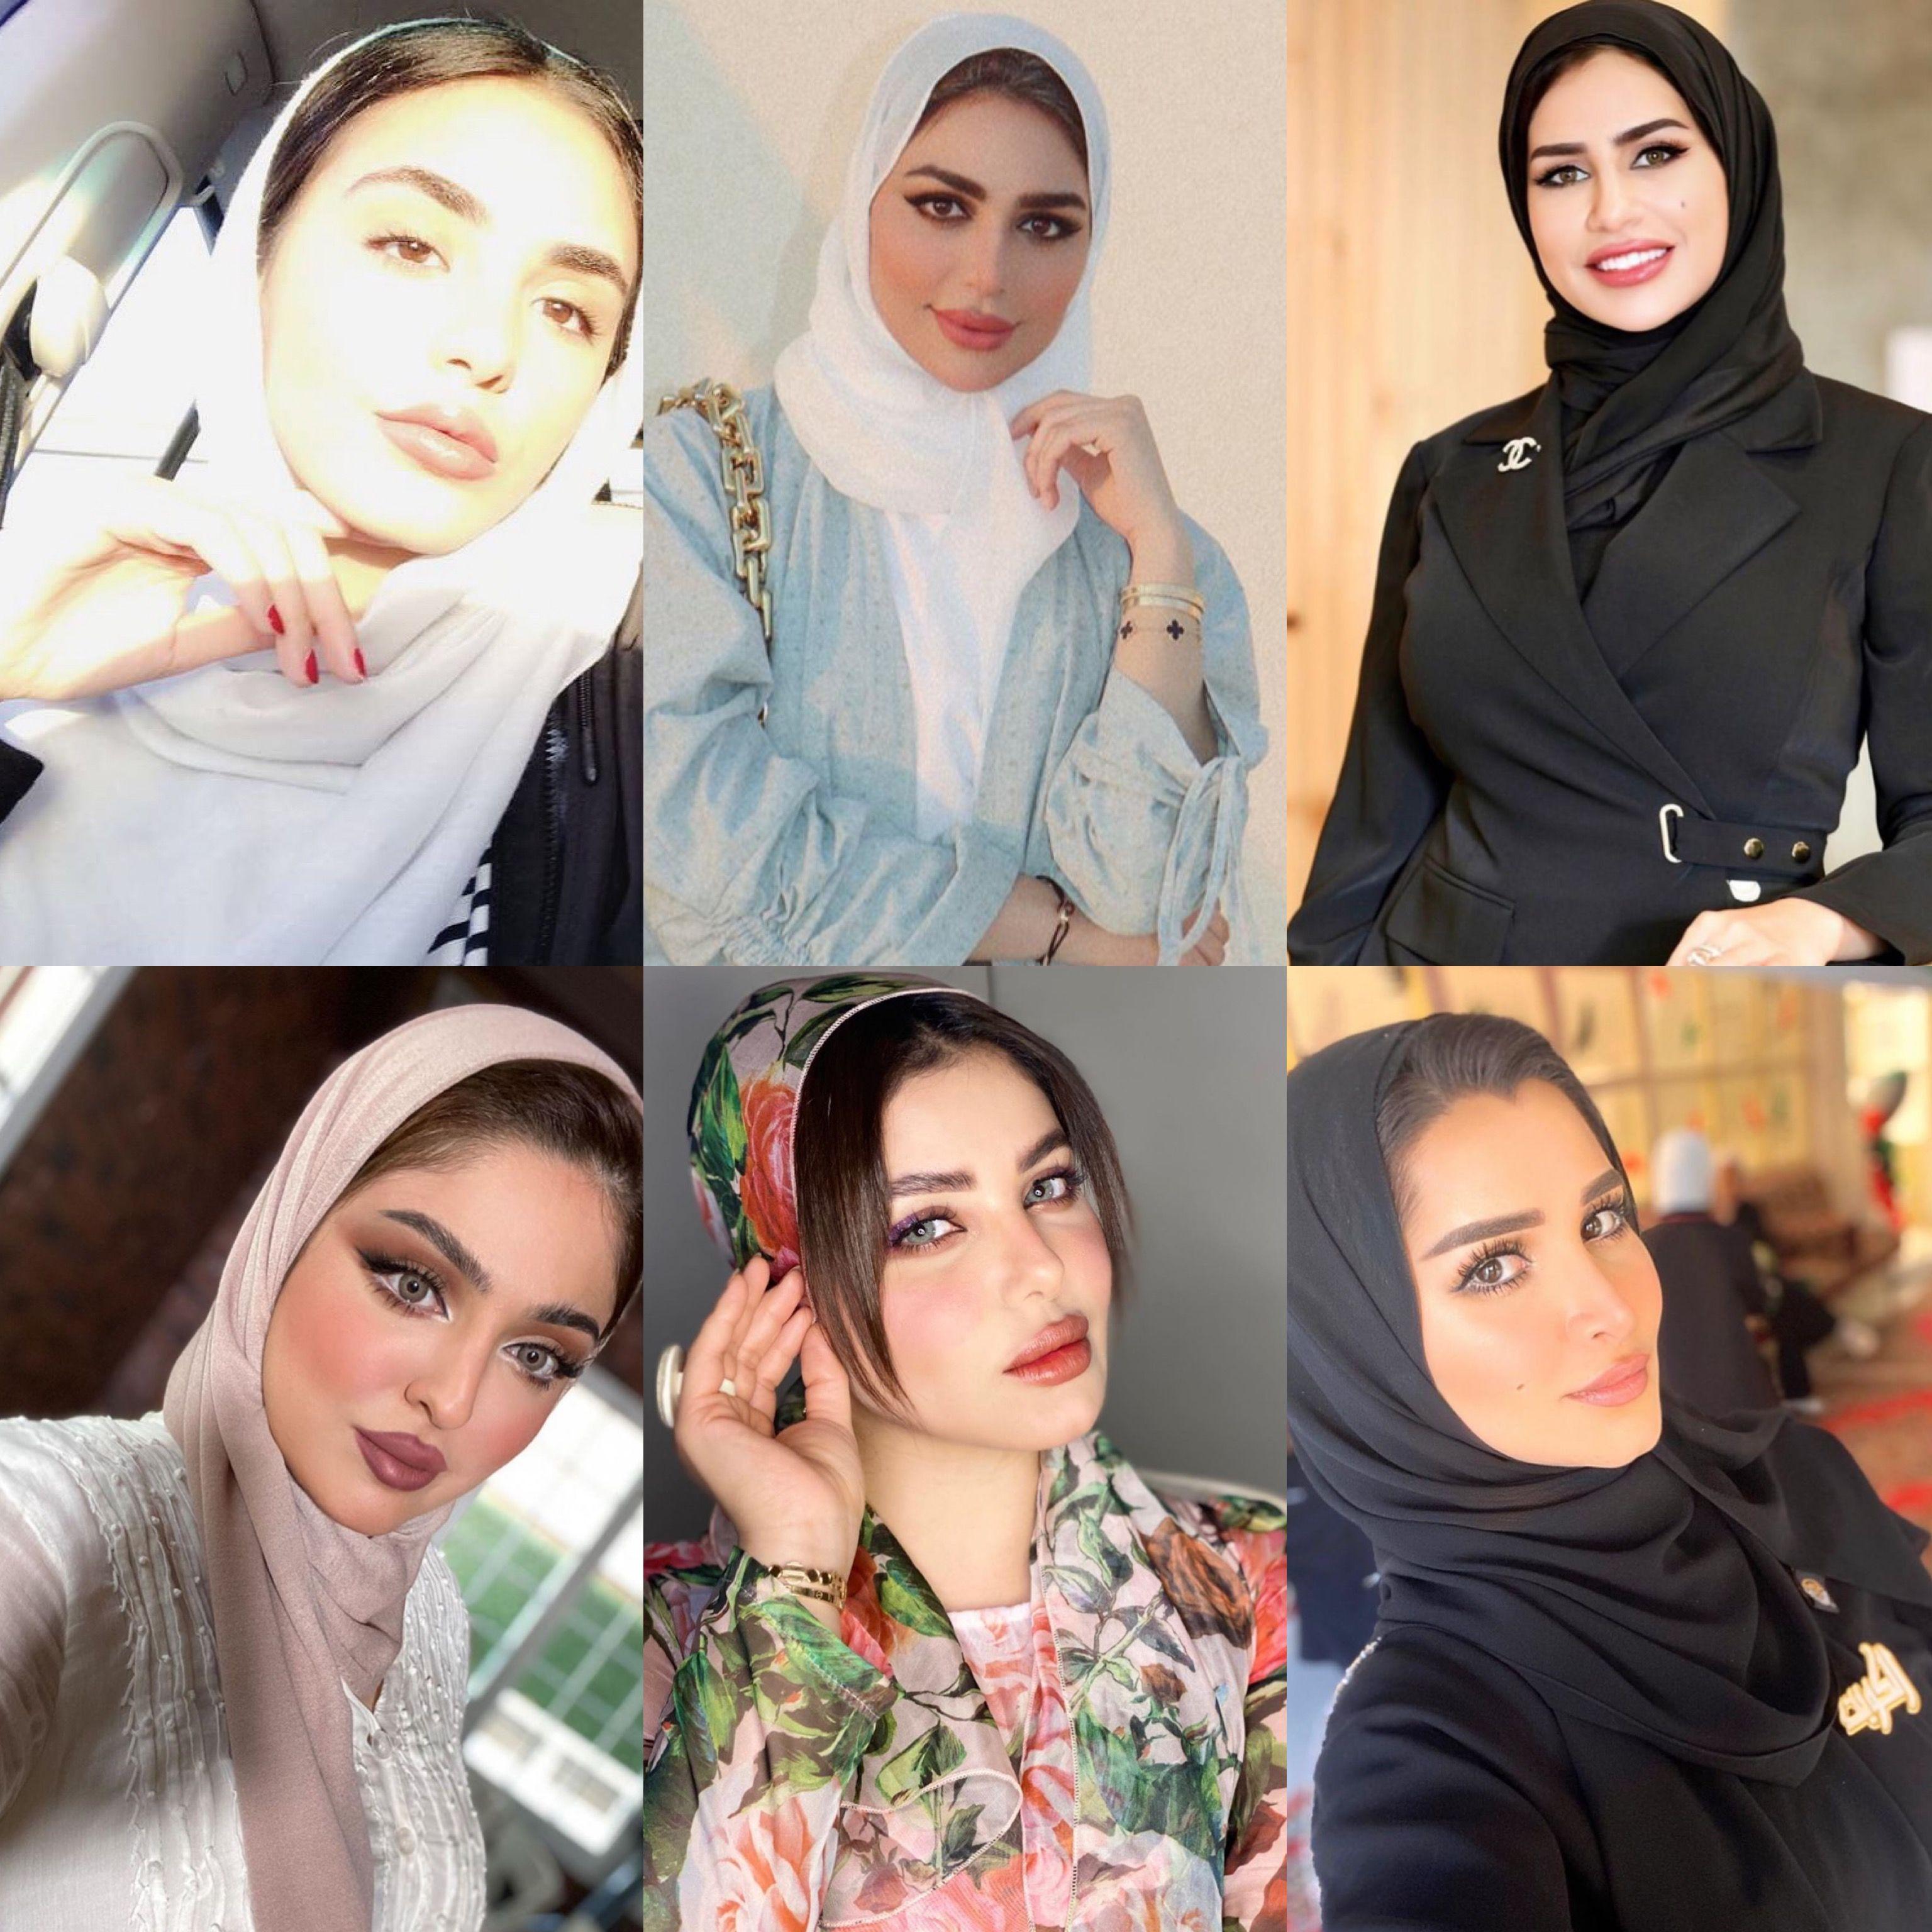 Kuwait girl photo